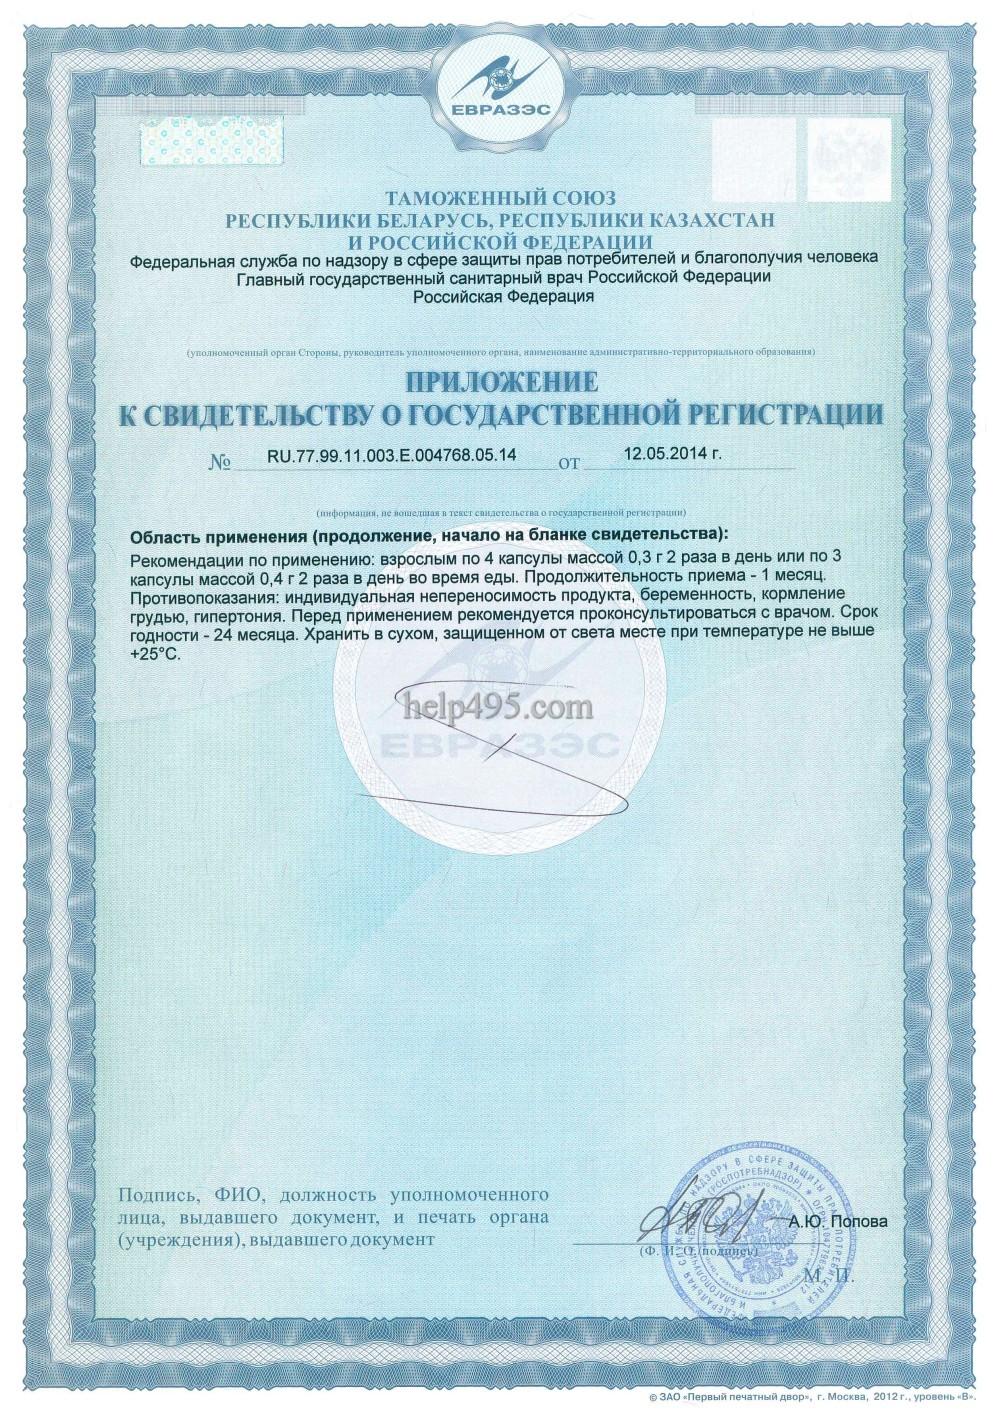 2-ая стр. сертификата препарата: Целебные капсулы Тяньши